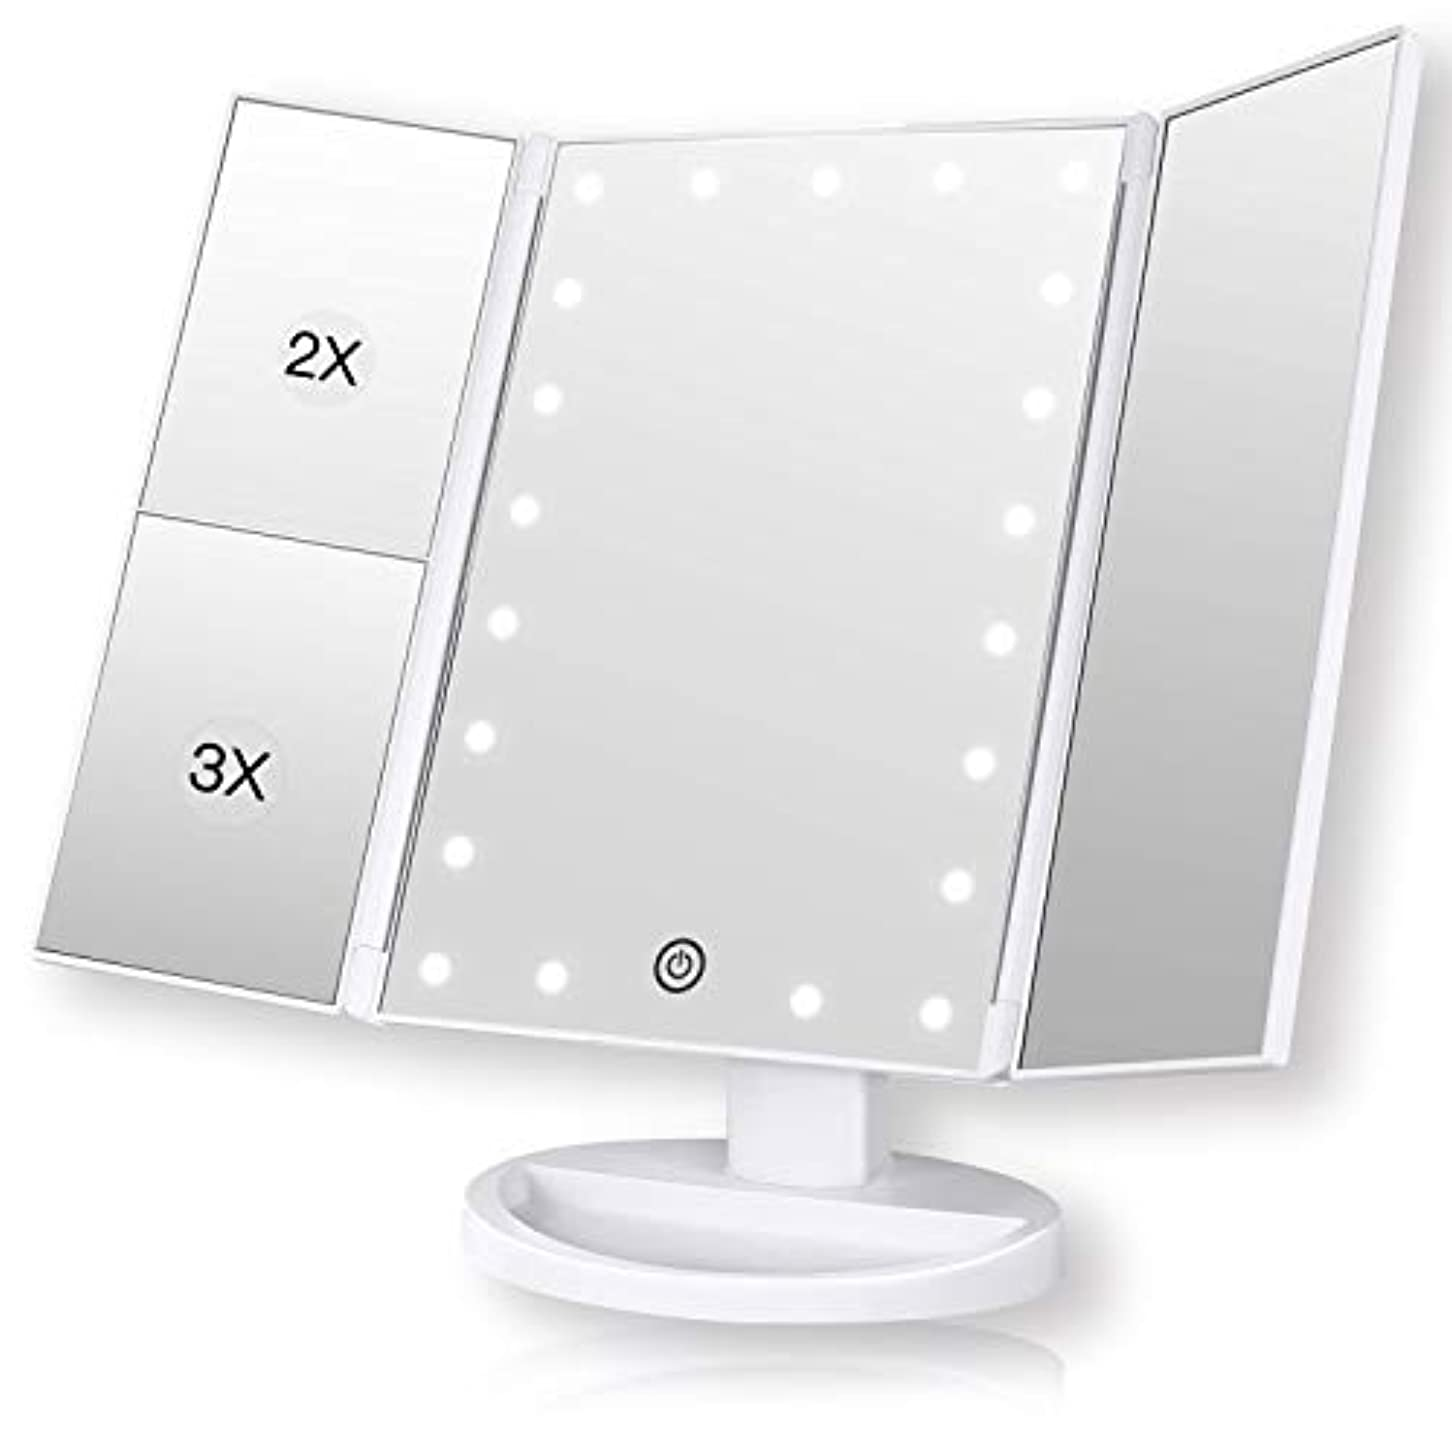 面積フランクワースリー渇きROZZERMAN 化粧鏡 卓上ミラー 三面鏡 ledライト 女優ミラー 折りたたみ 持ち運び 拡大鏡 2倍 3倍 角度調整